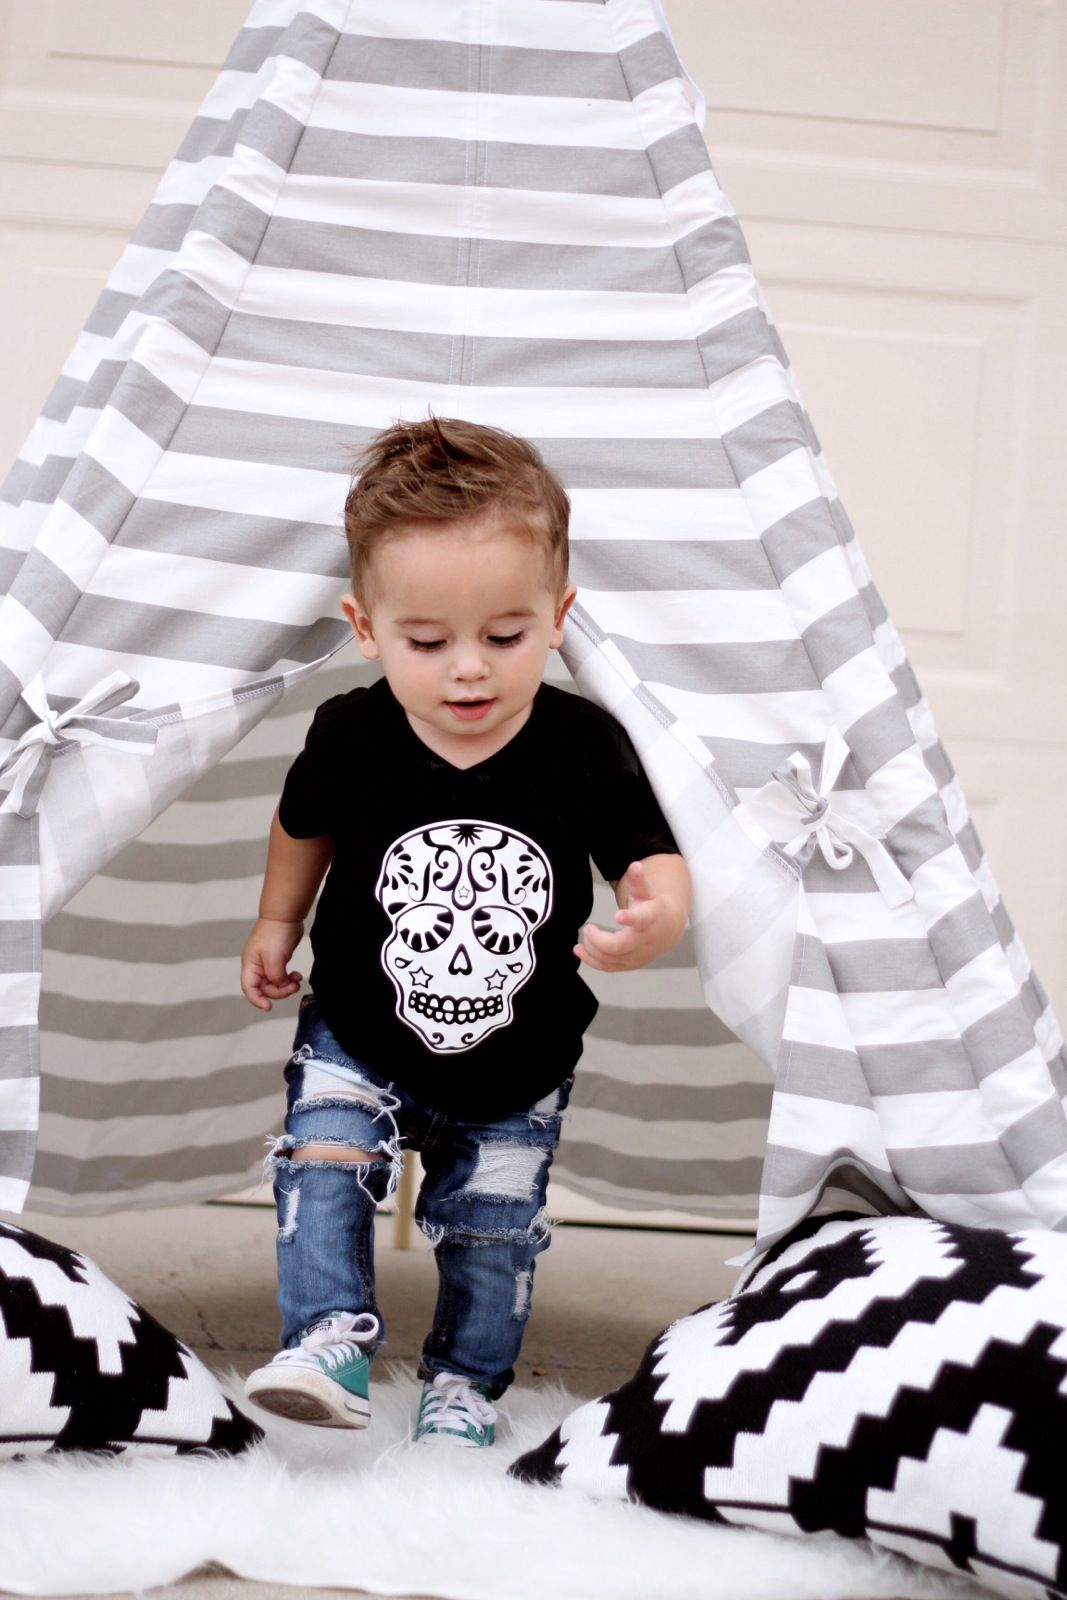 Ihram Kids For Sale Dubai: Www.BGastby.com Find Sales, Giveaways And More On IG @b